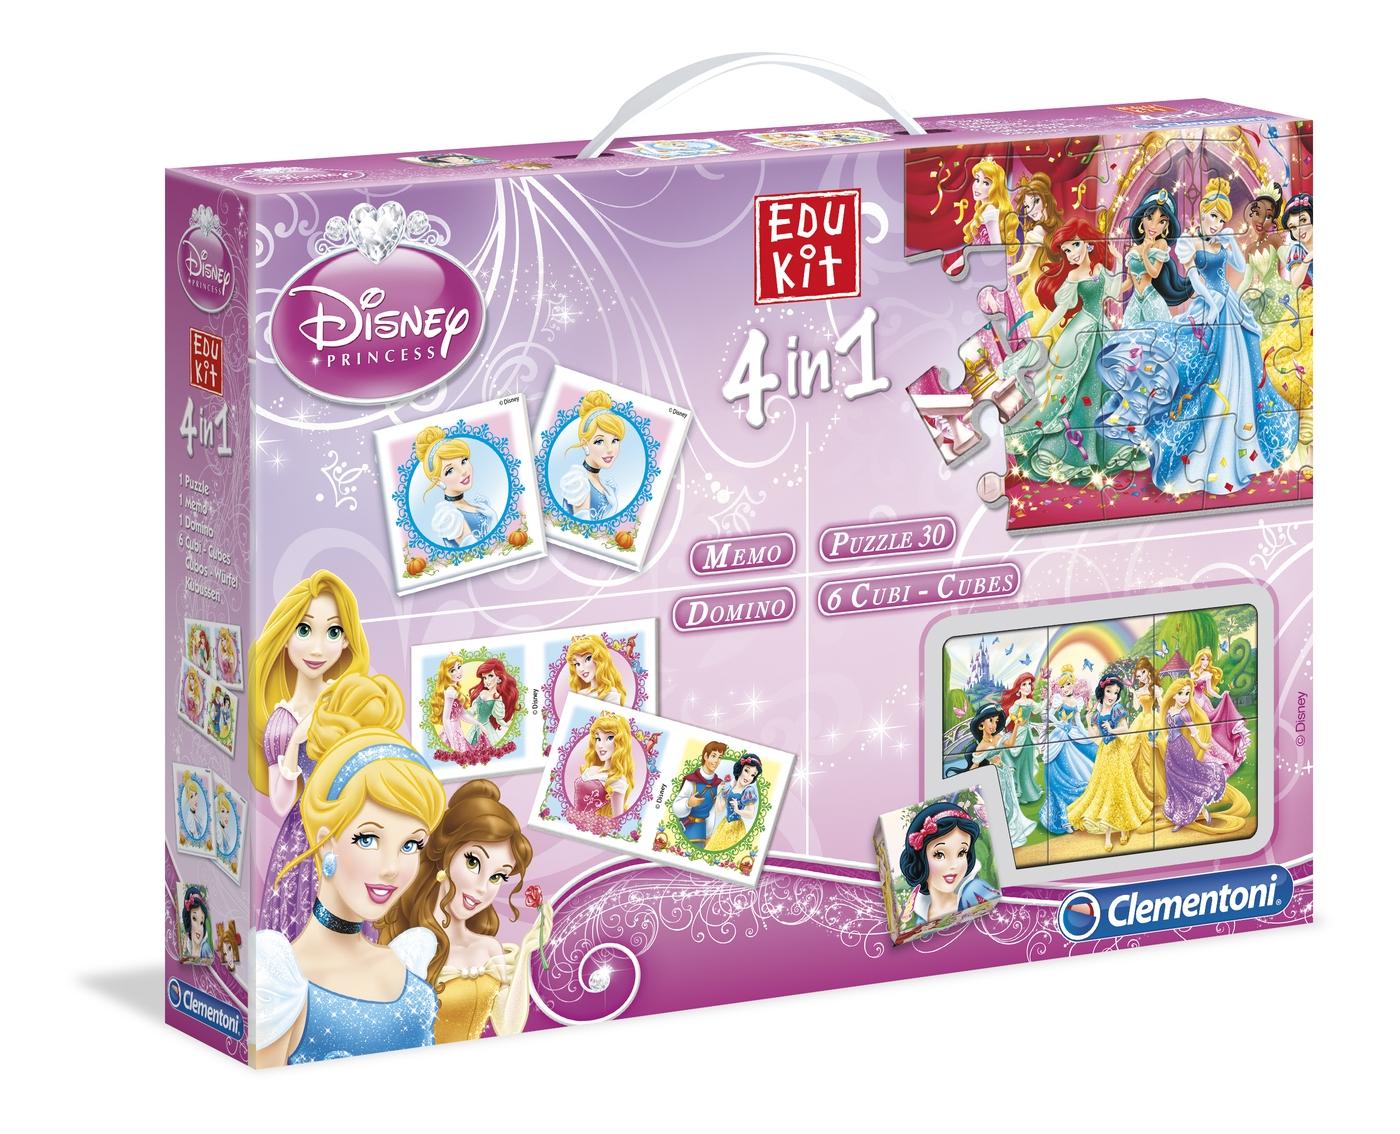 Набор 4в1 Сlementoni/Disney Princess арт.: 13775 (мемо, пазлы, домино, кубики)